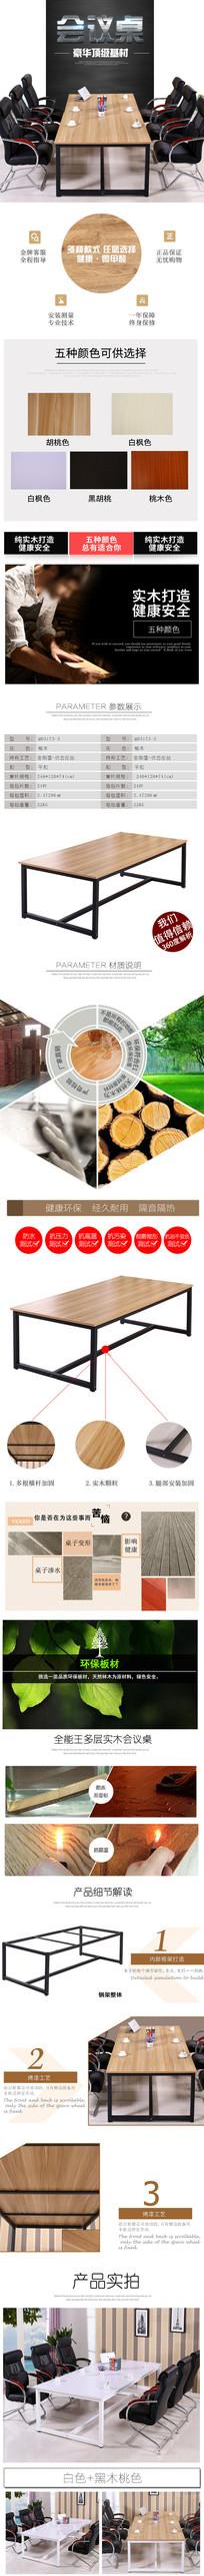 桌子家居办公桌商务淘宝详情页设计